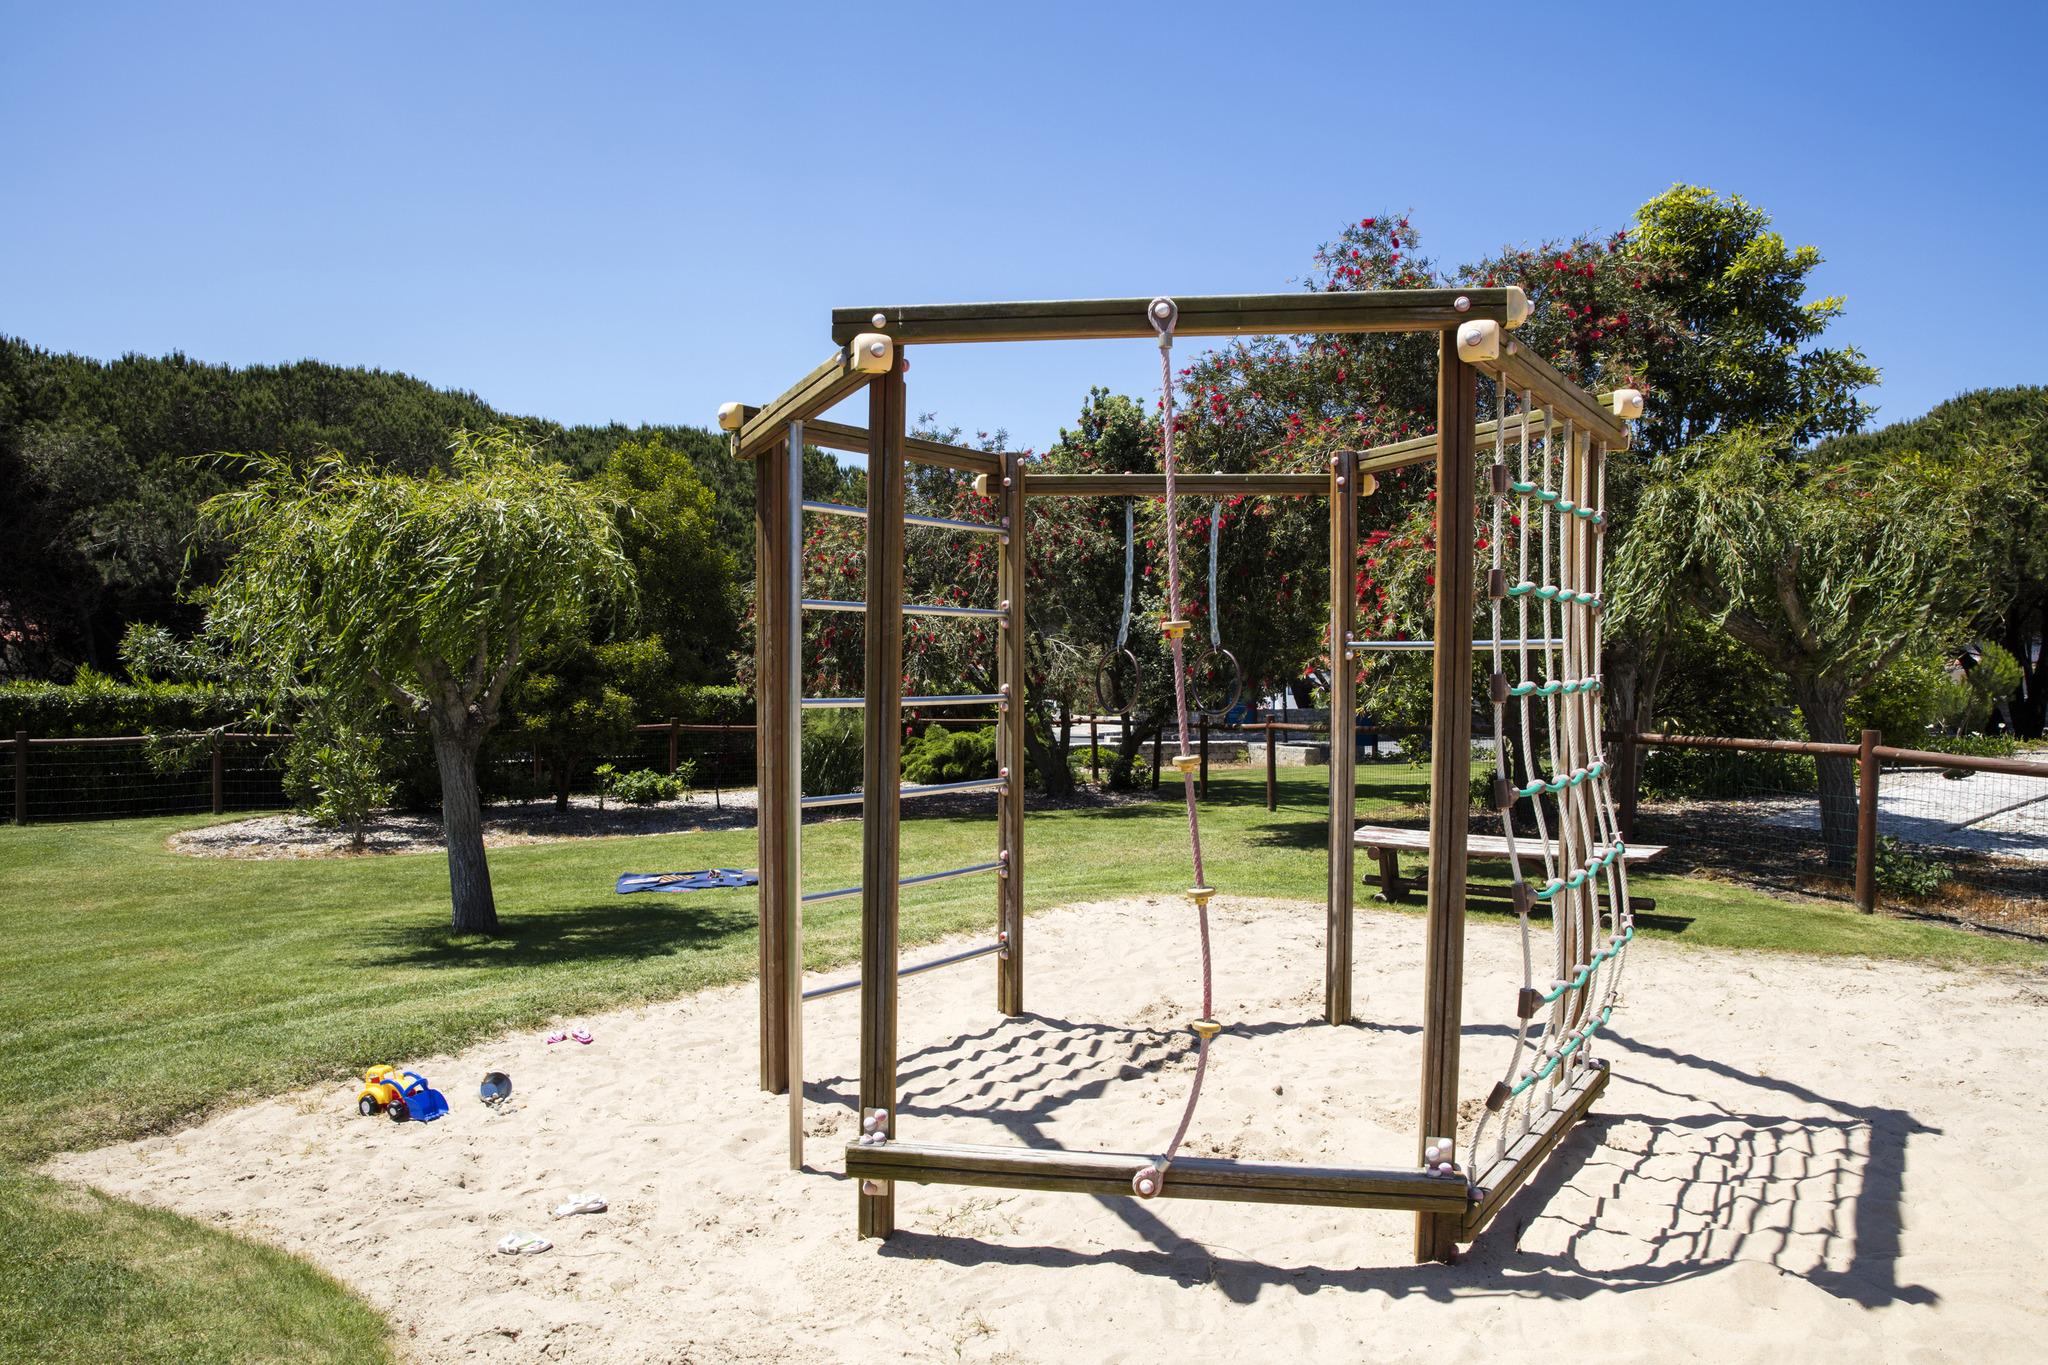 praia-del-rey-beach-golf-resort-the-village 3239